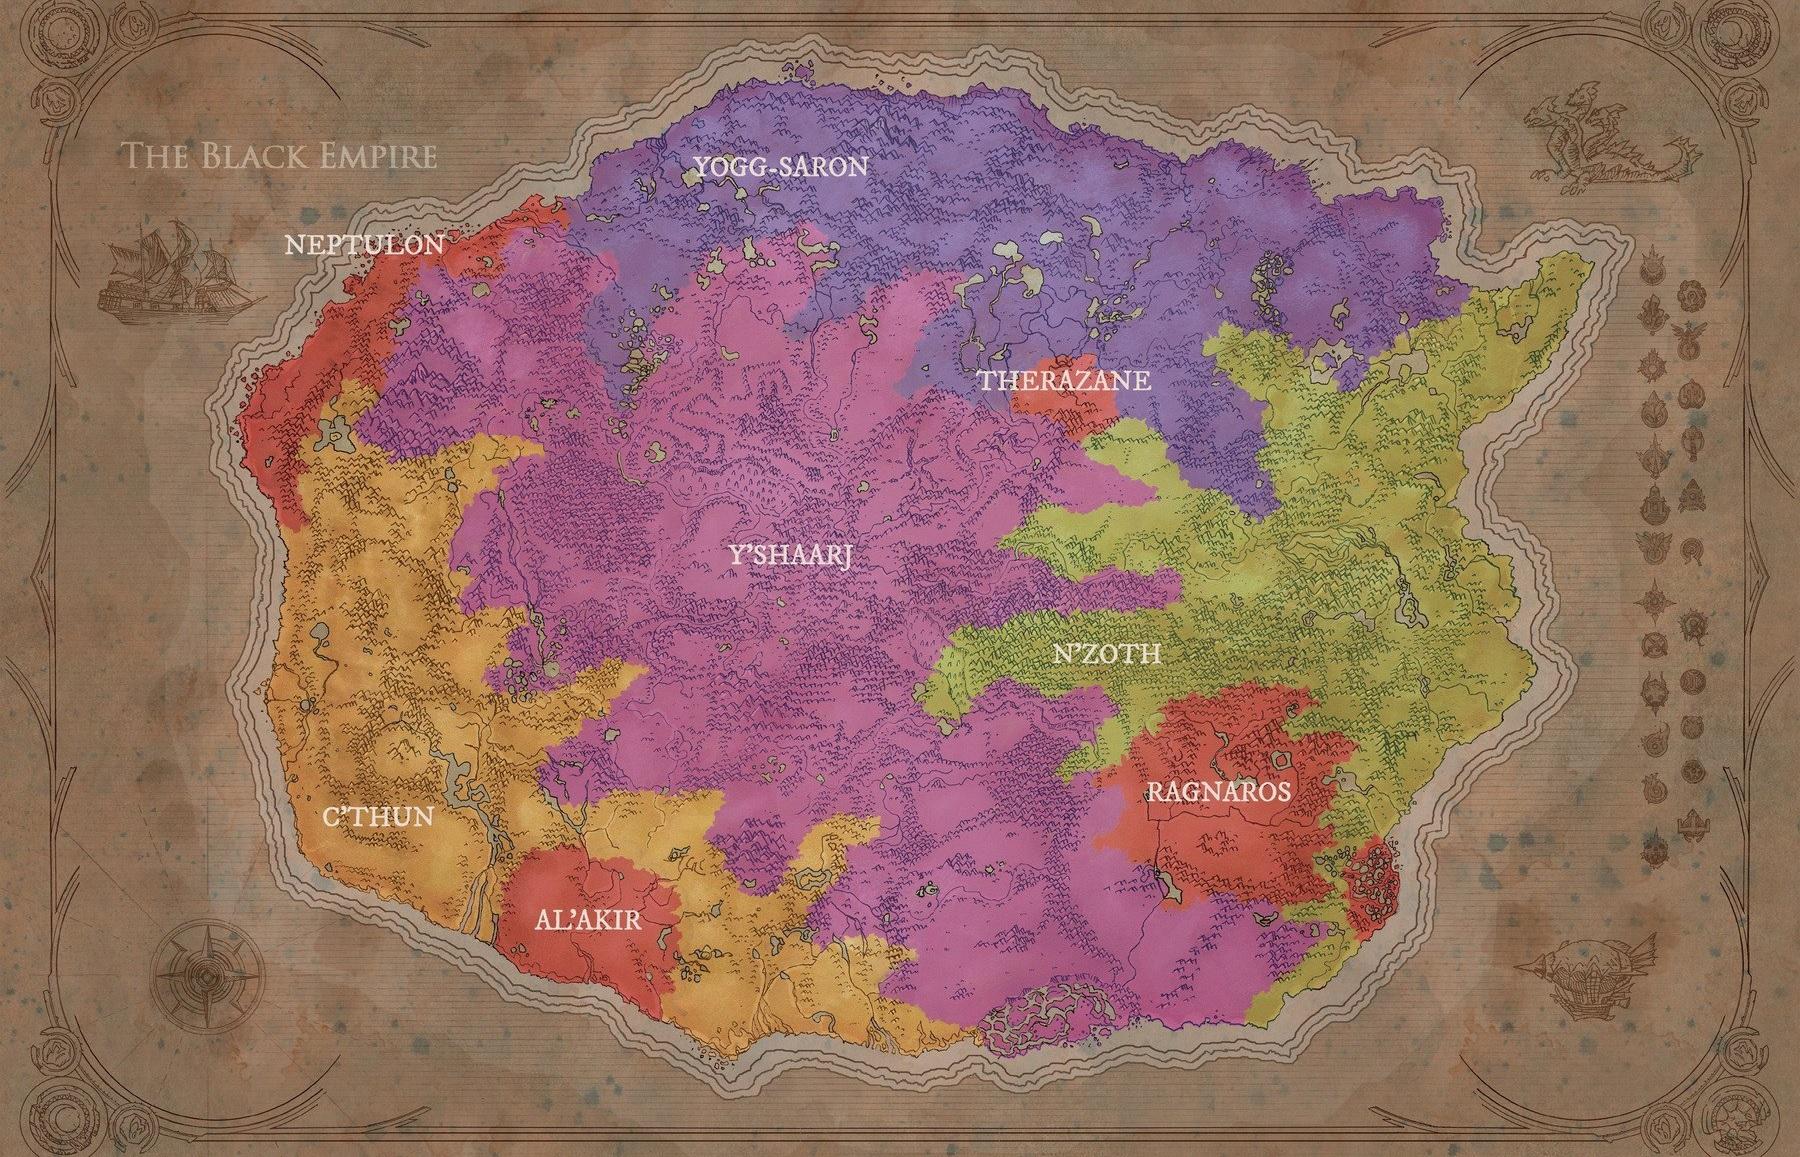 İlkel çağlardaki Azeroth üzerinde hüküm sürem Element Efendileri ve Eski Tanrılar'ın egemen oldukları topraklar